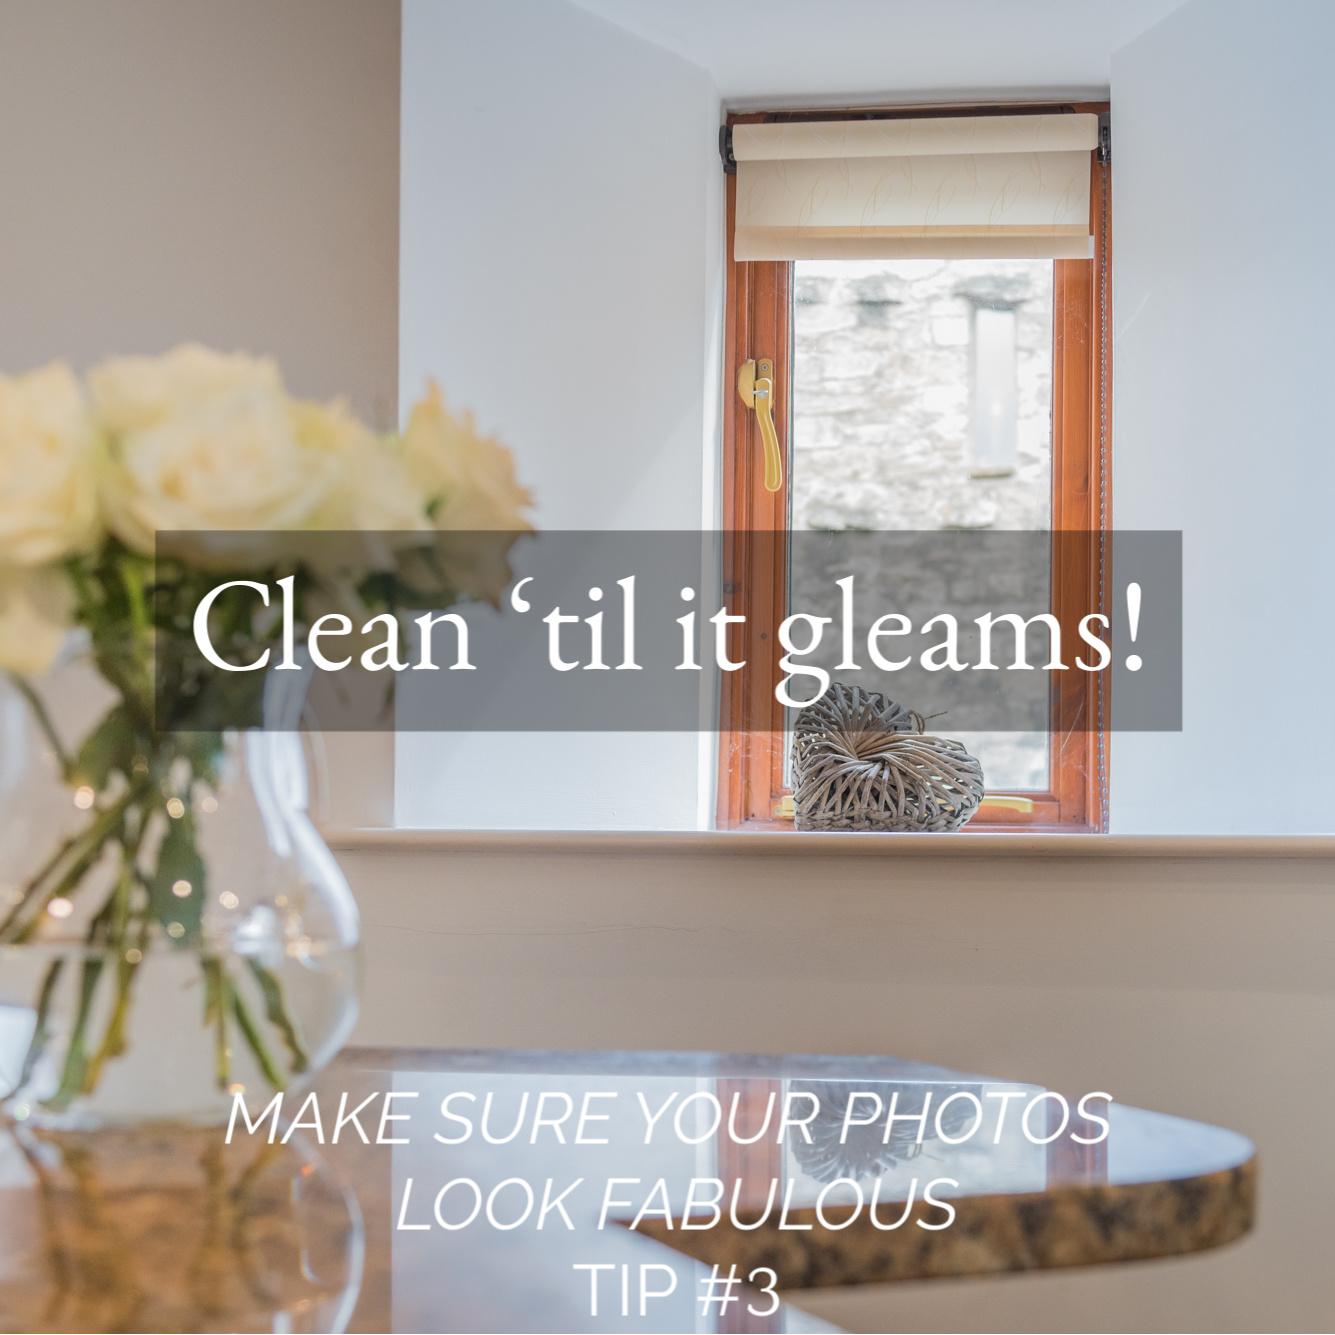 tg3-clean-till-it-gleams